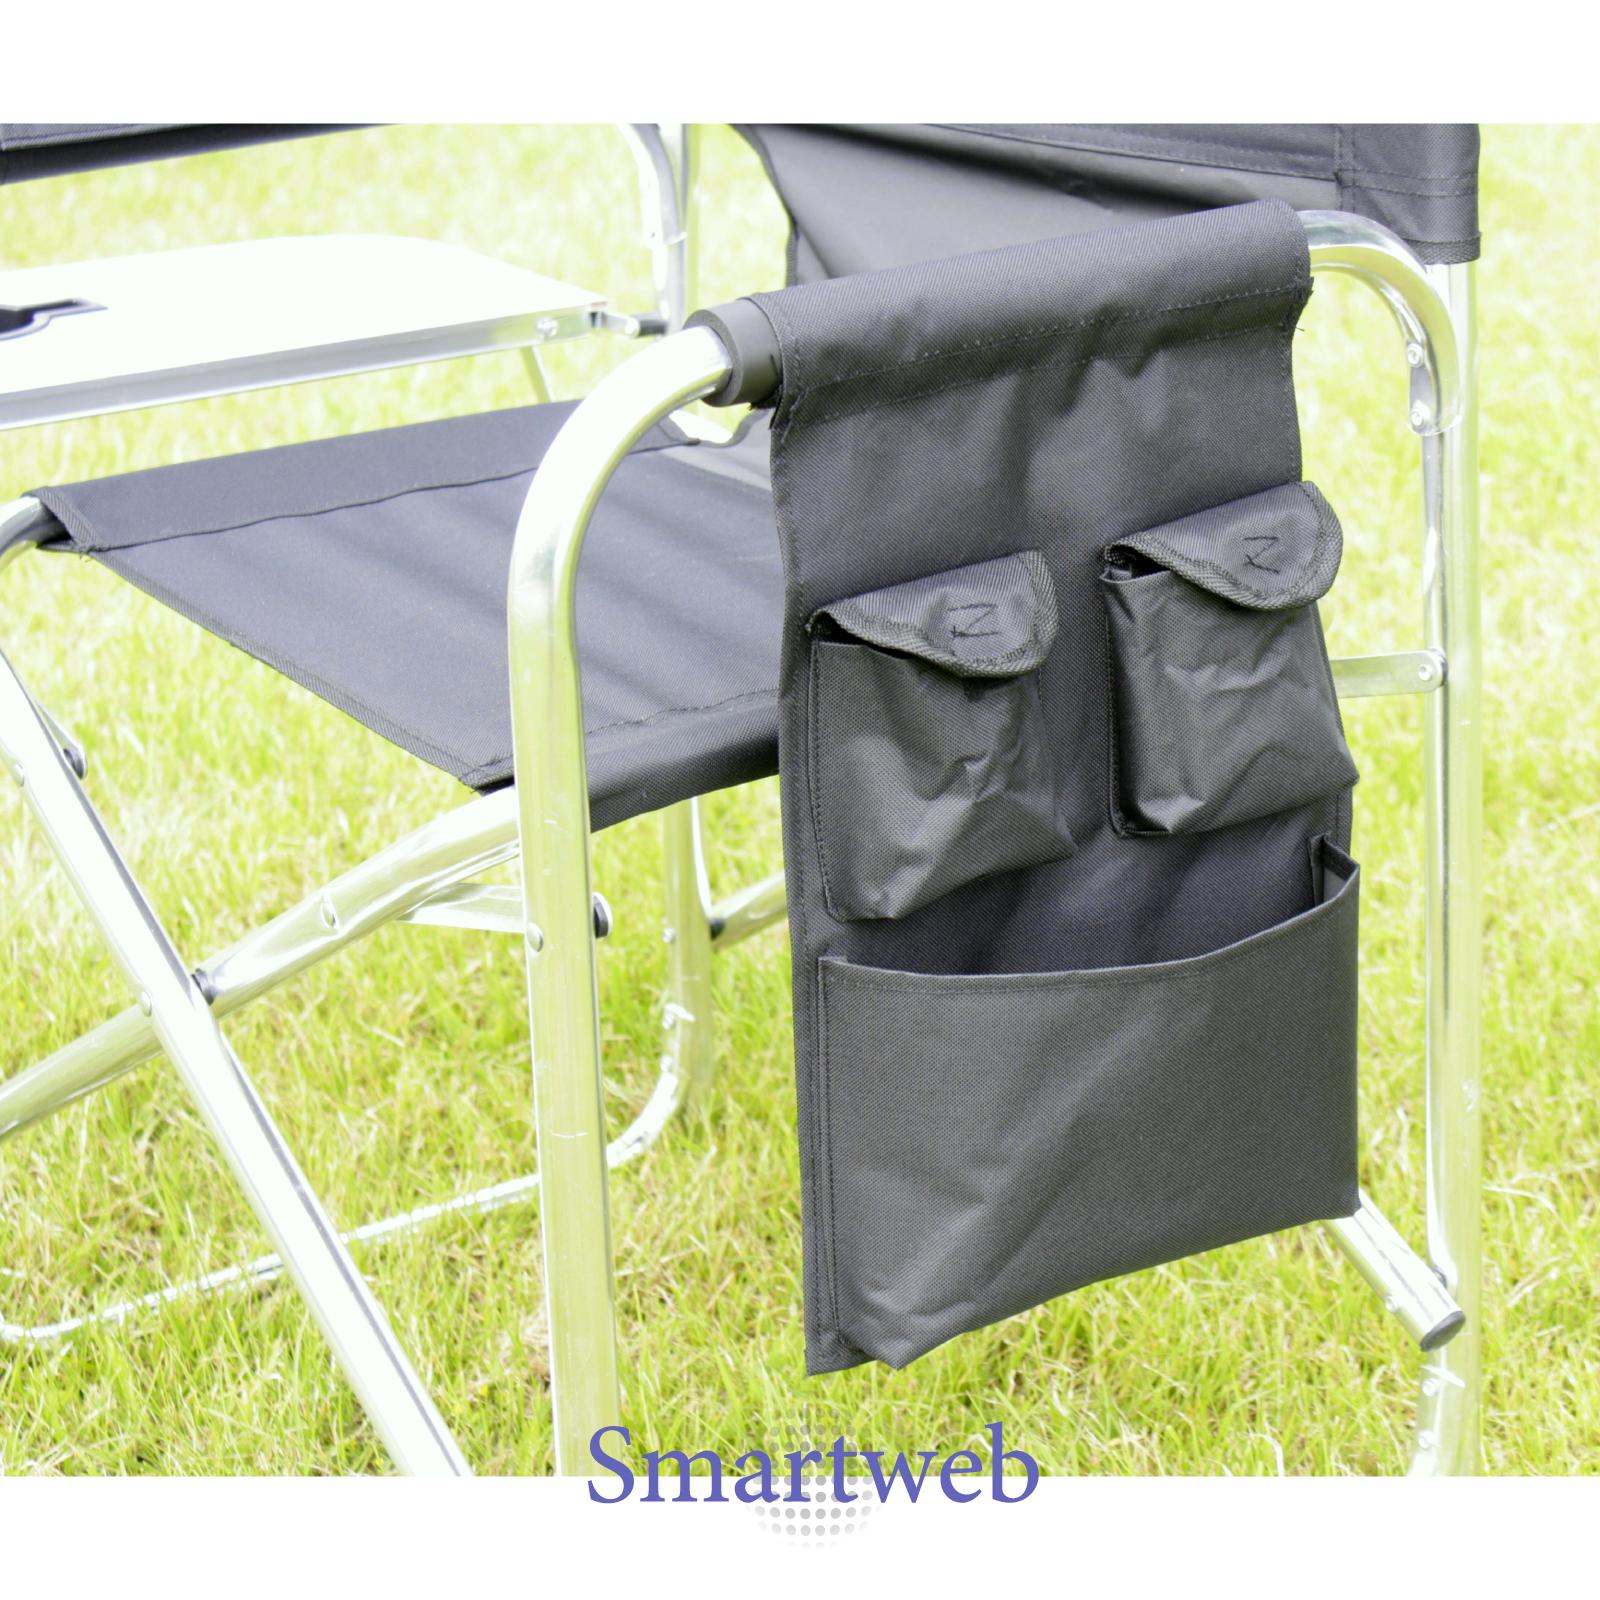 Profesional silla camping con mesa plegable pescar - Silla de pescar ...